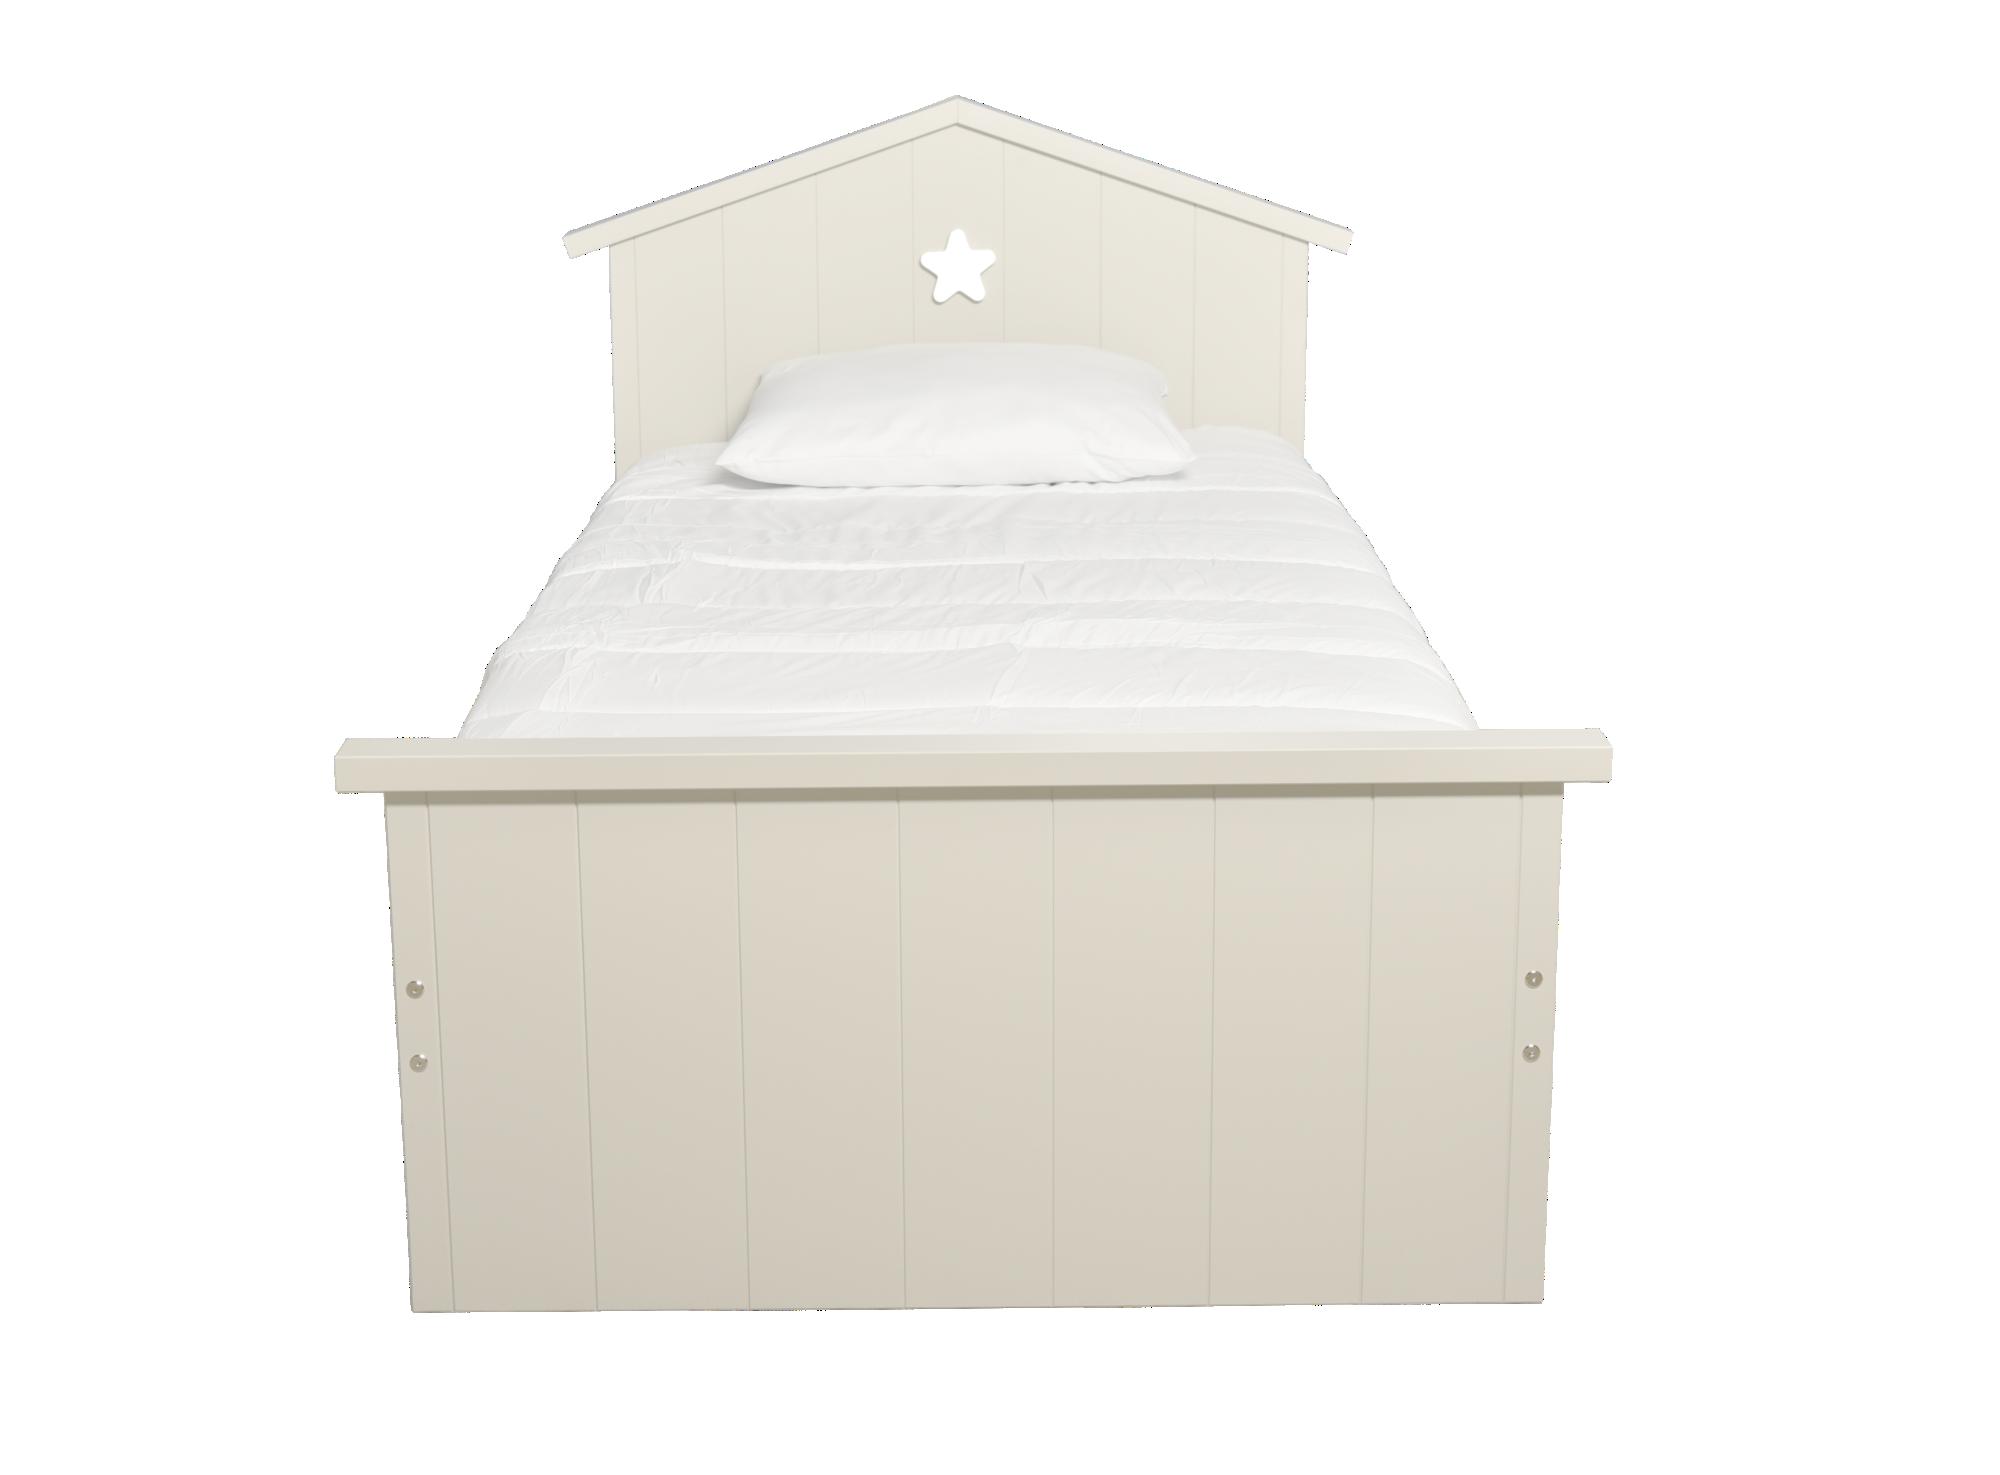 lit enfant gris fly. Black Bedroom Furniture Sets. Home Design Ideas